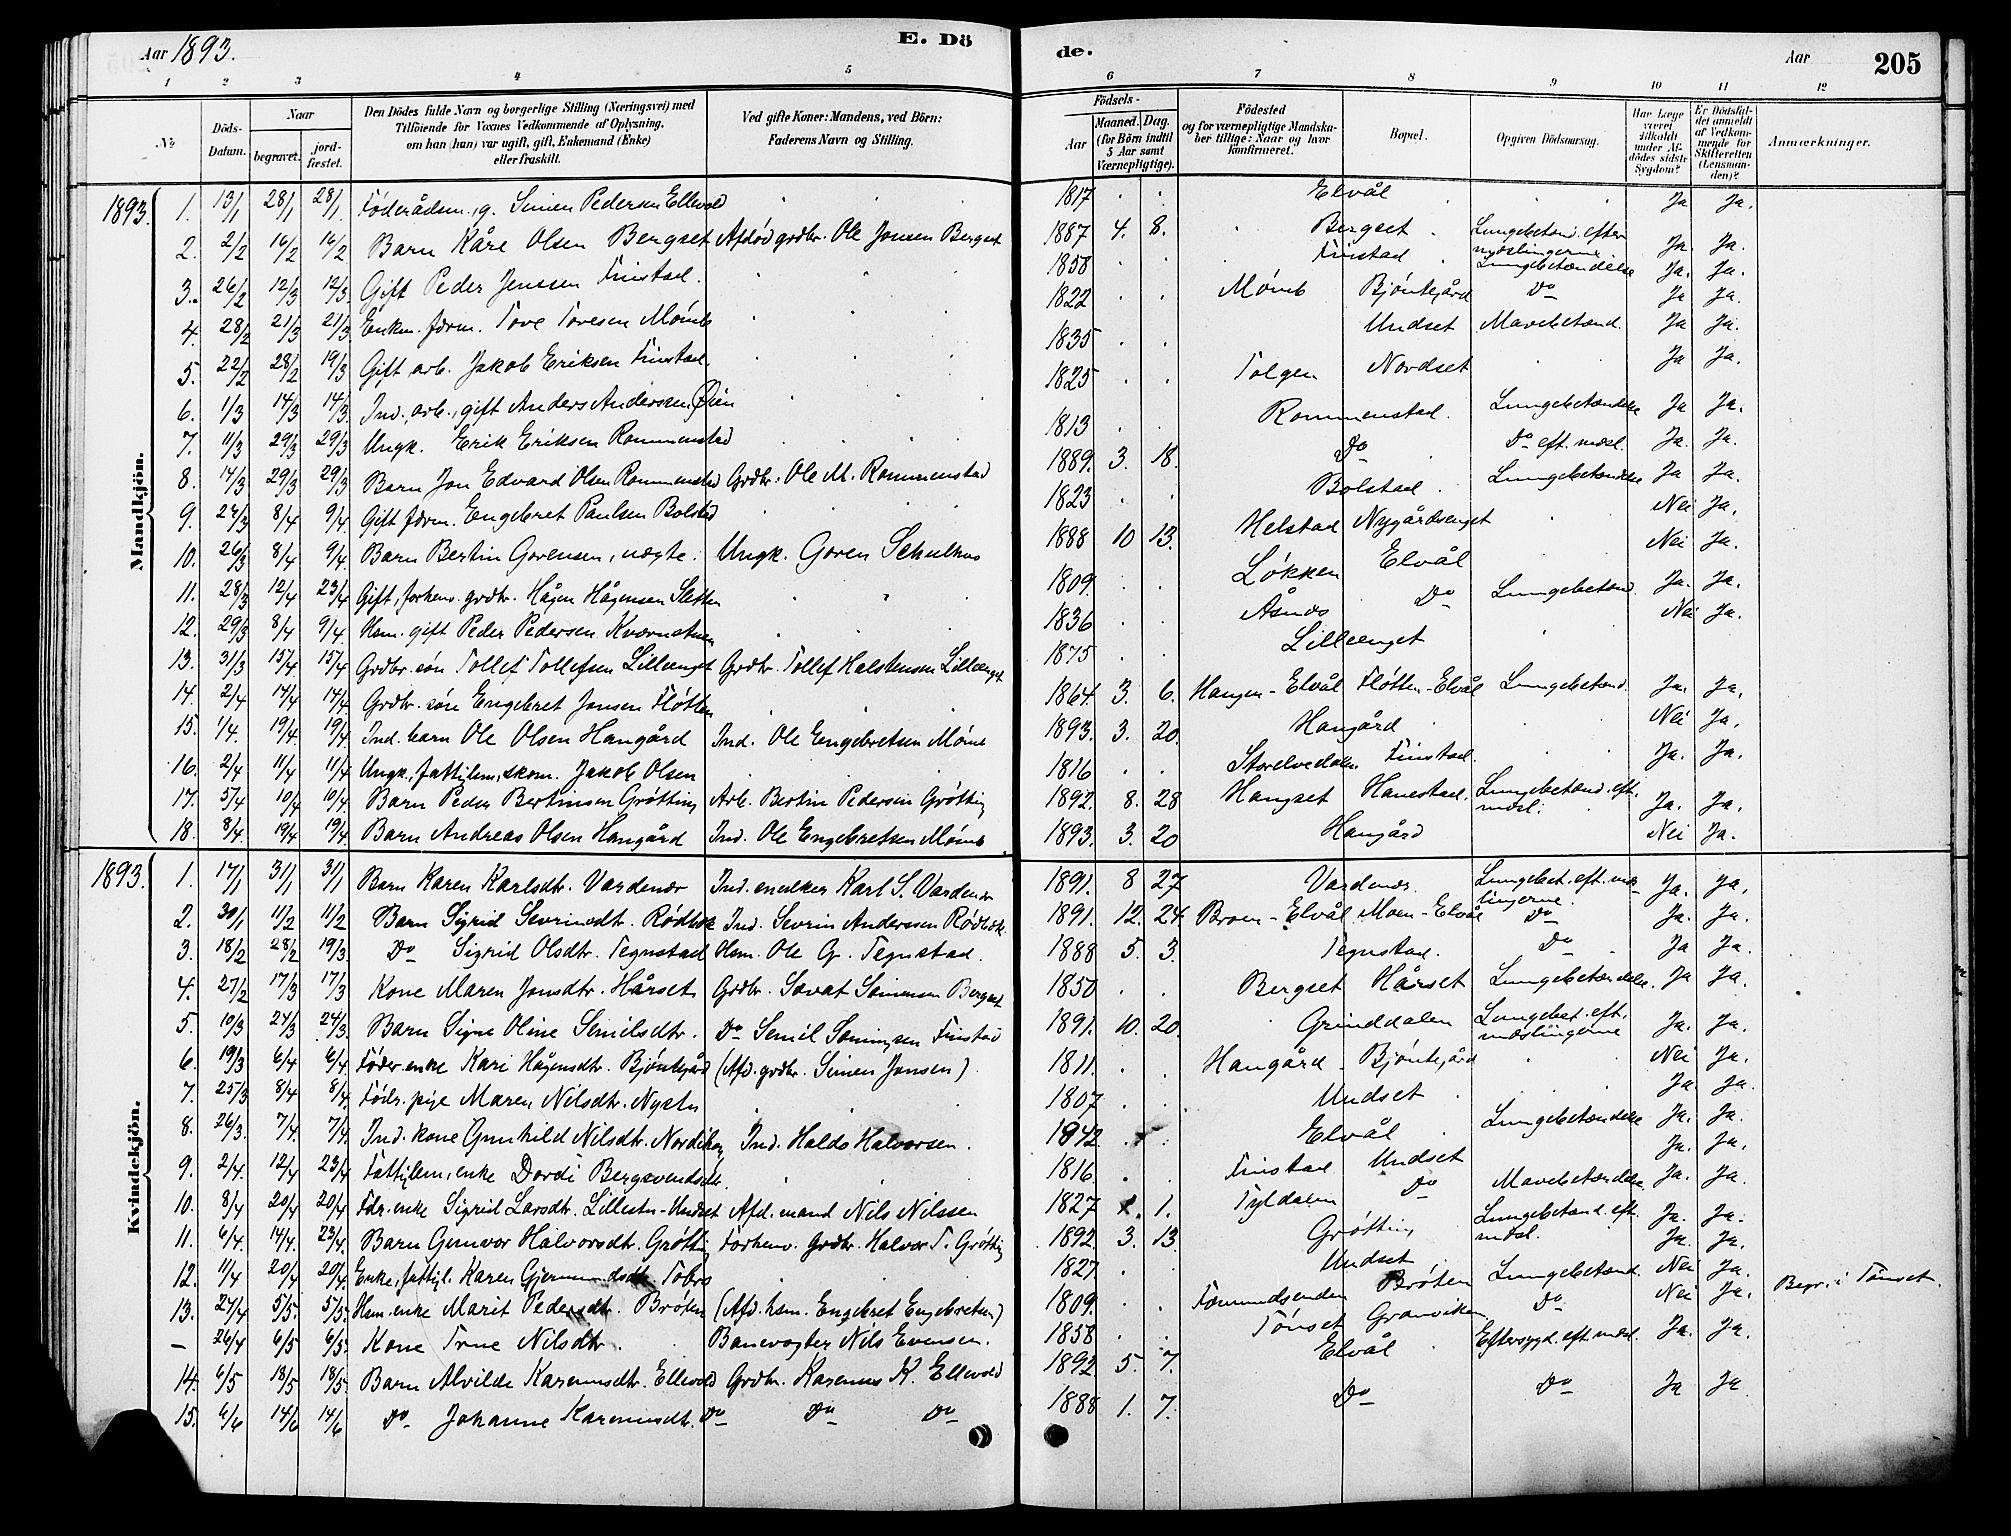 SAH, Rendalen prestekontor, H/Ha/Hab/L0003: Klokkerbok nr. 3, 1879-1904, s. 205